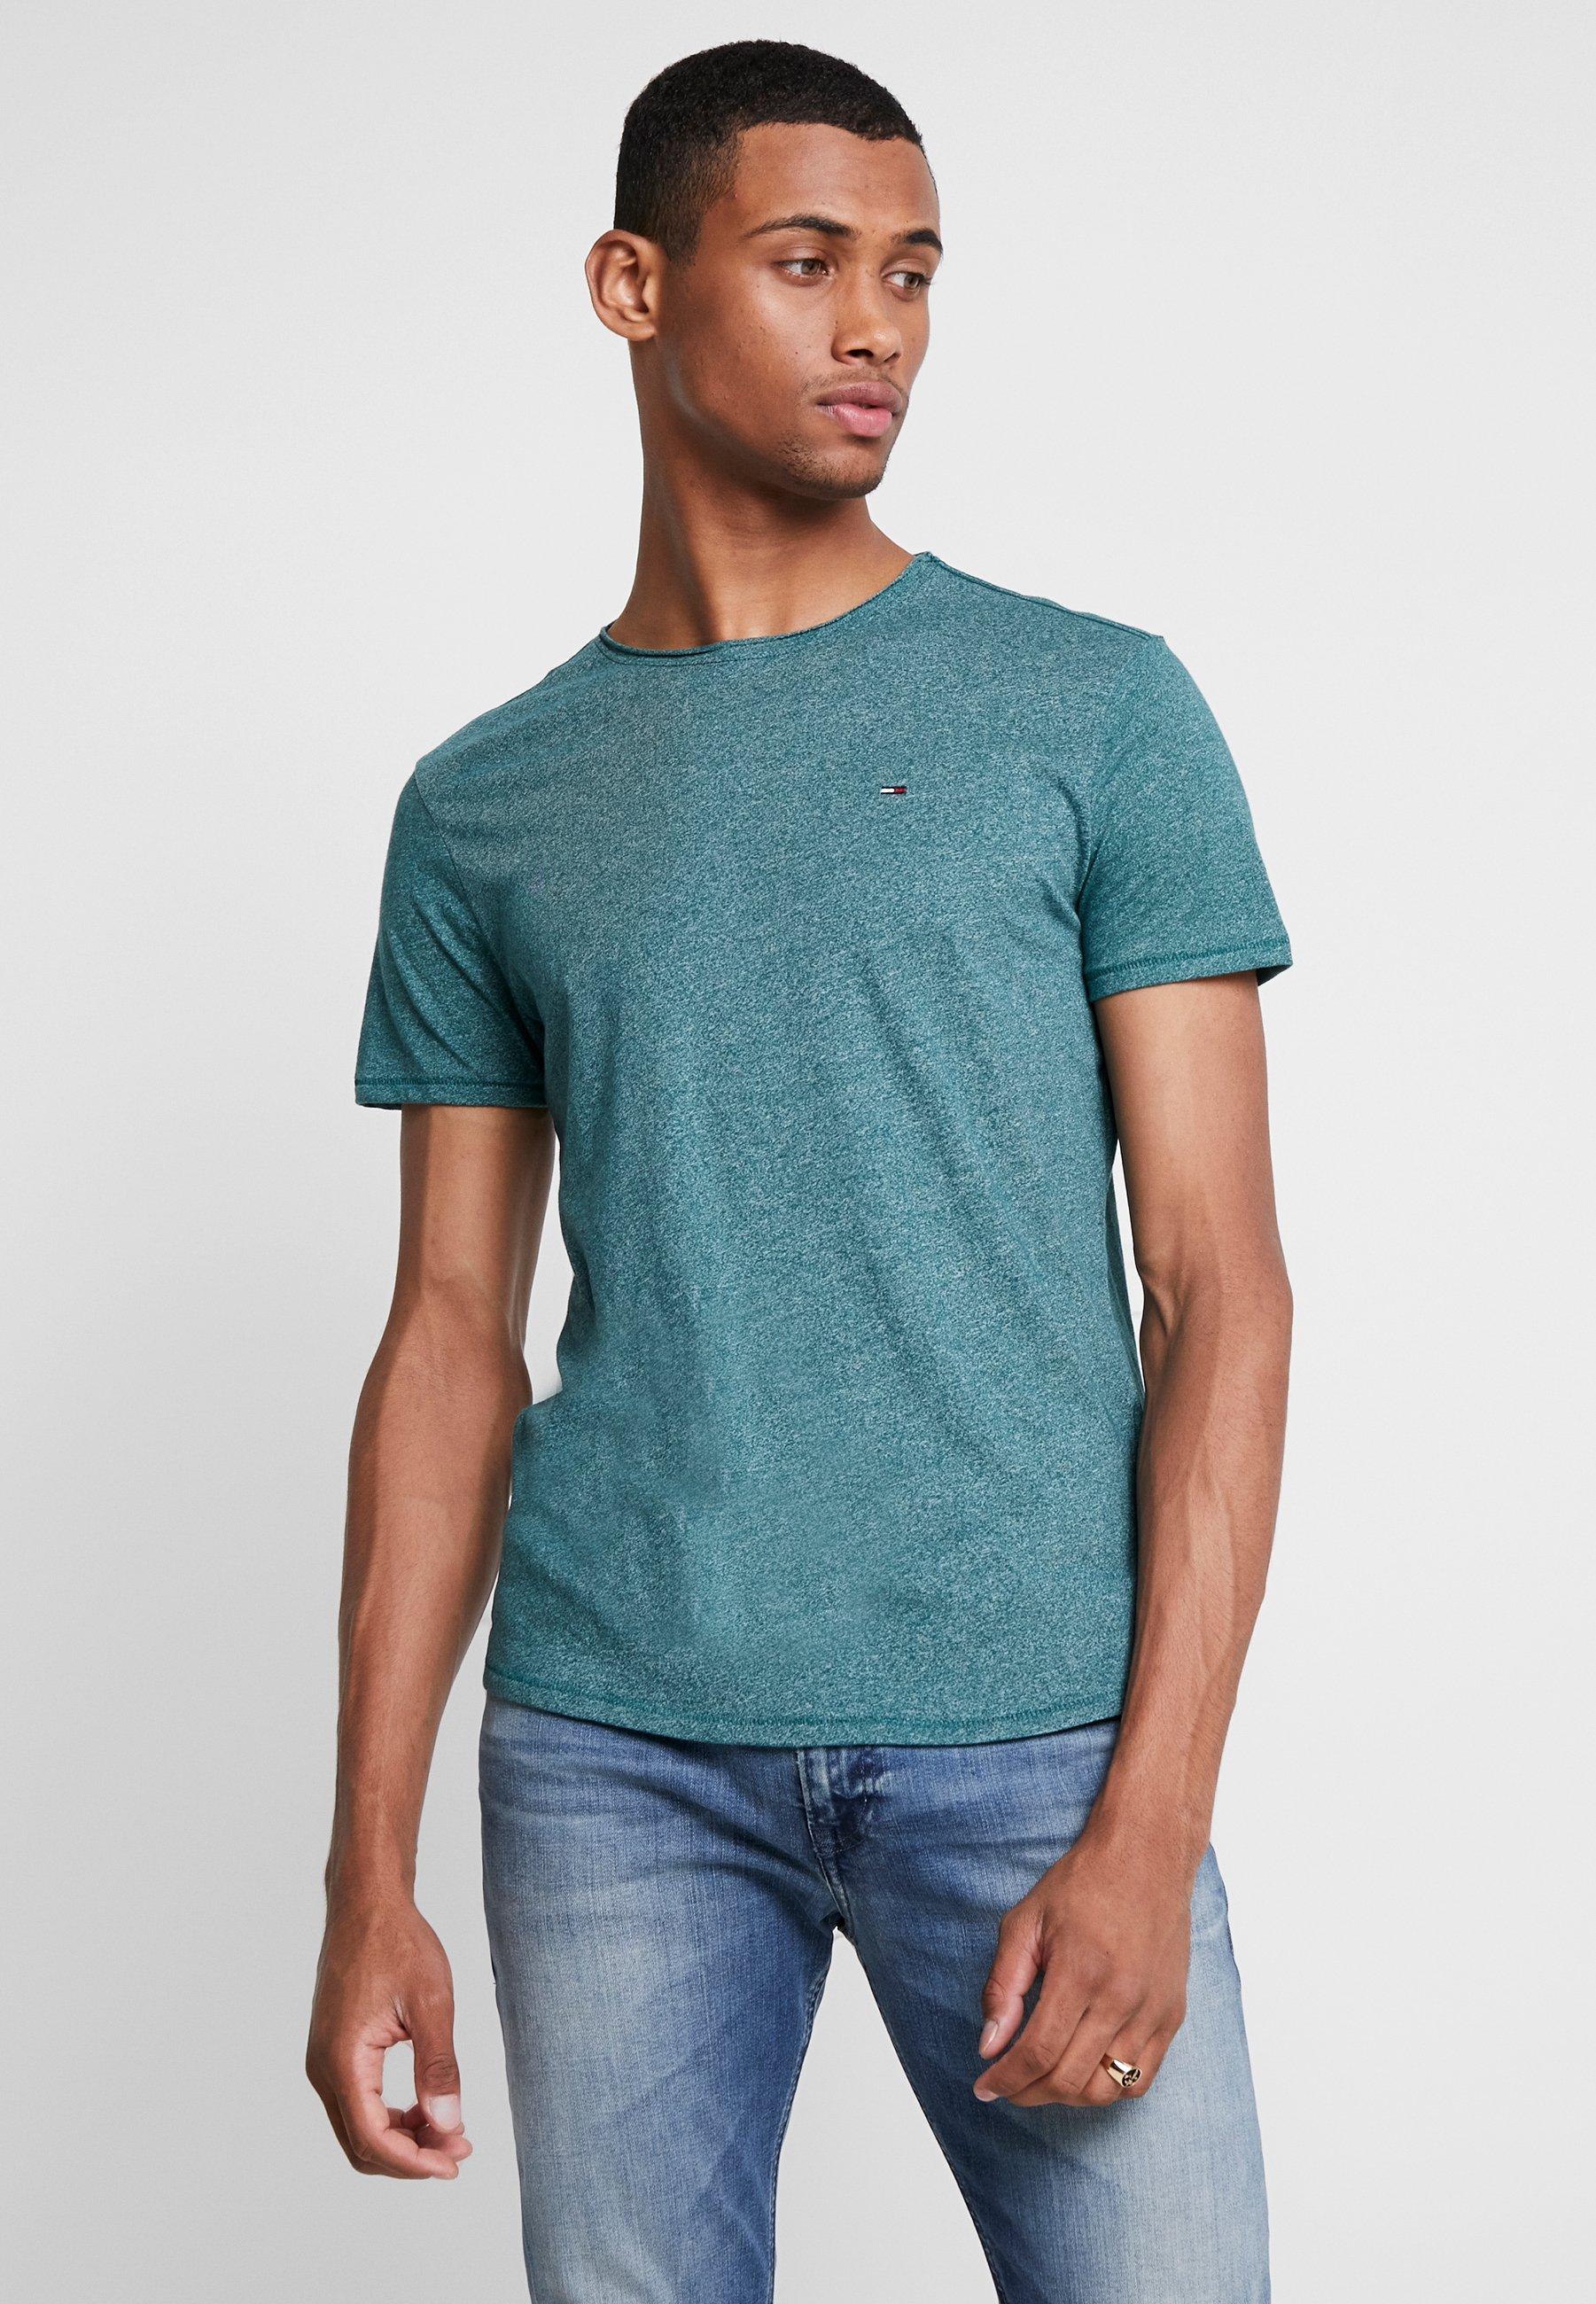 shirt Atlantic Jaspe TeeT Basique Deep Essential Jeans Tommy N0Xnwk8PO